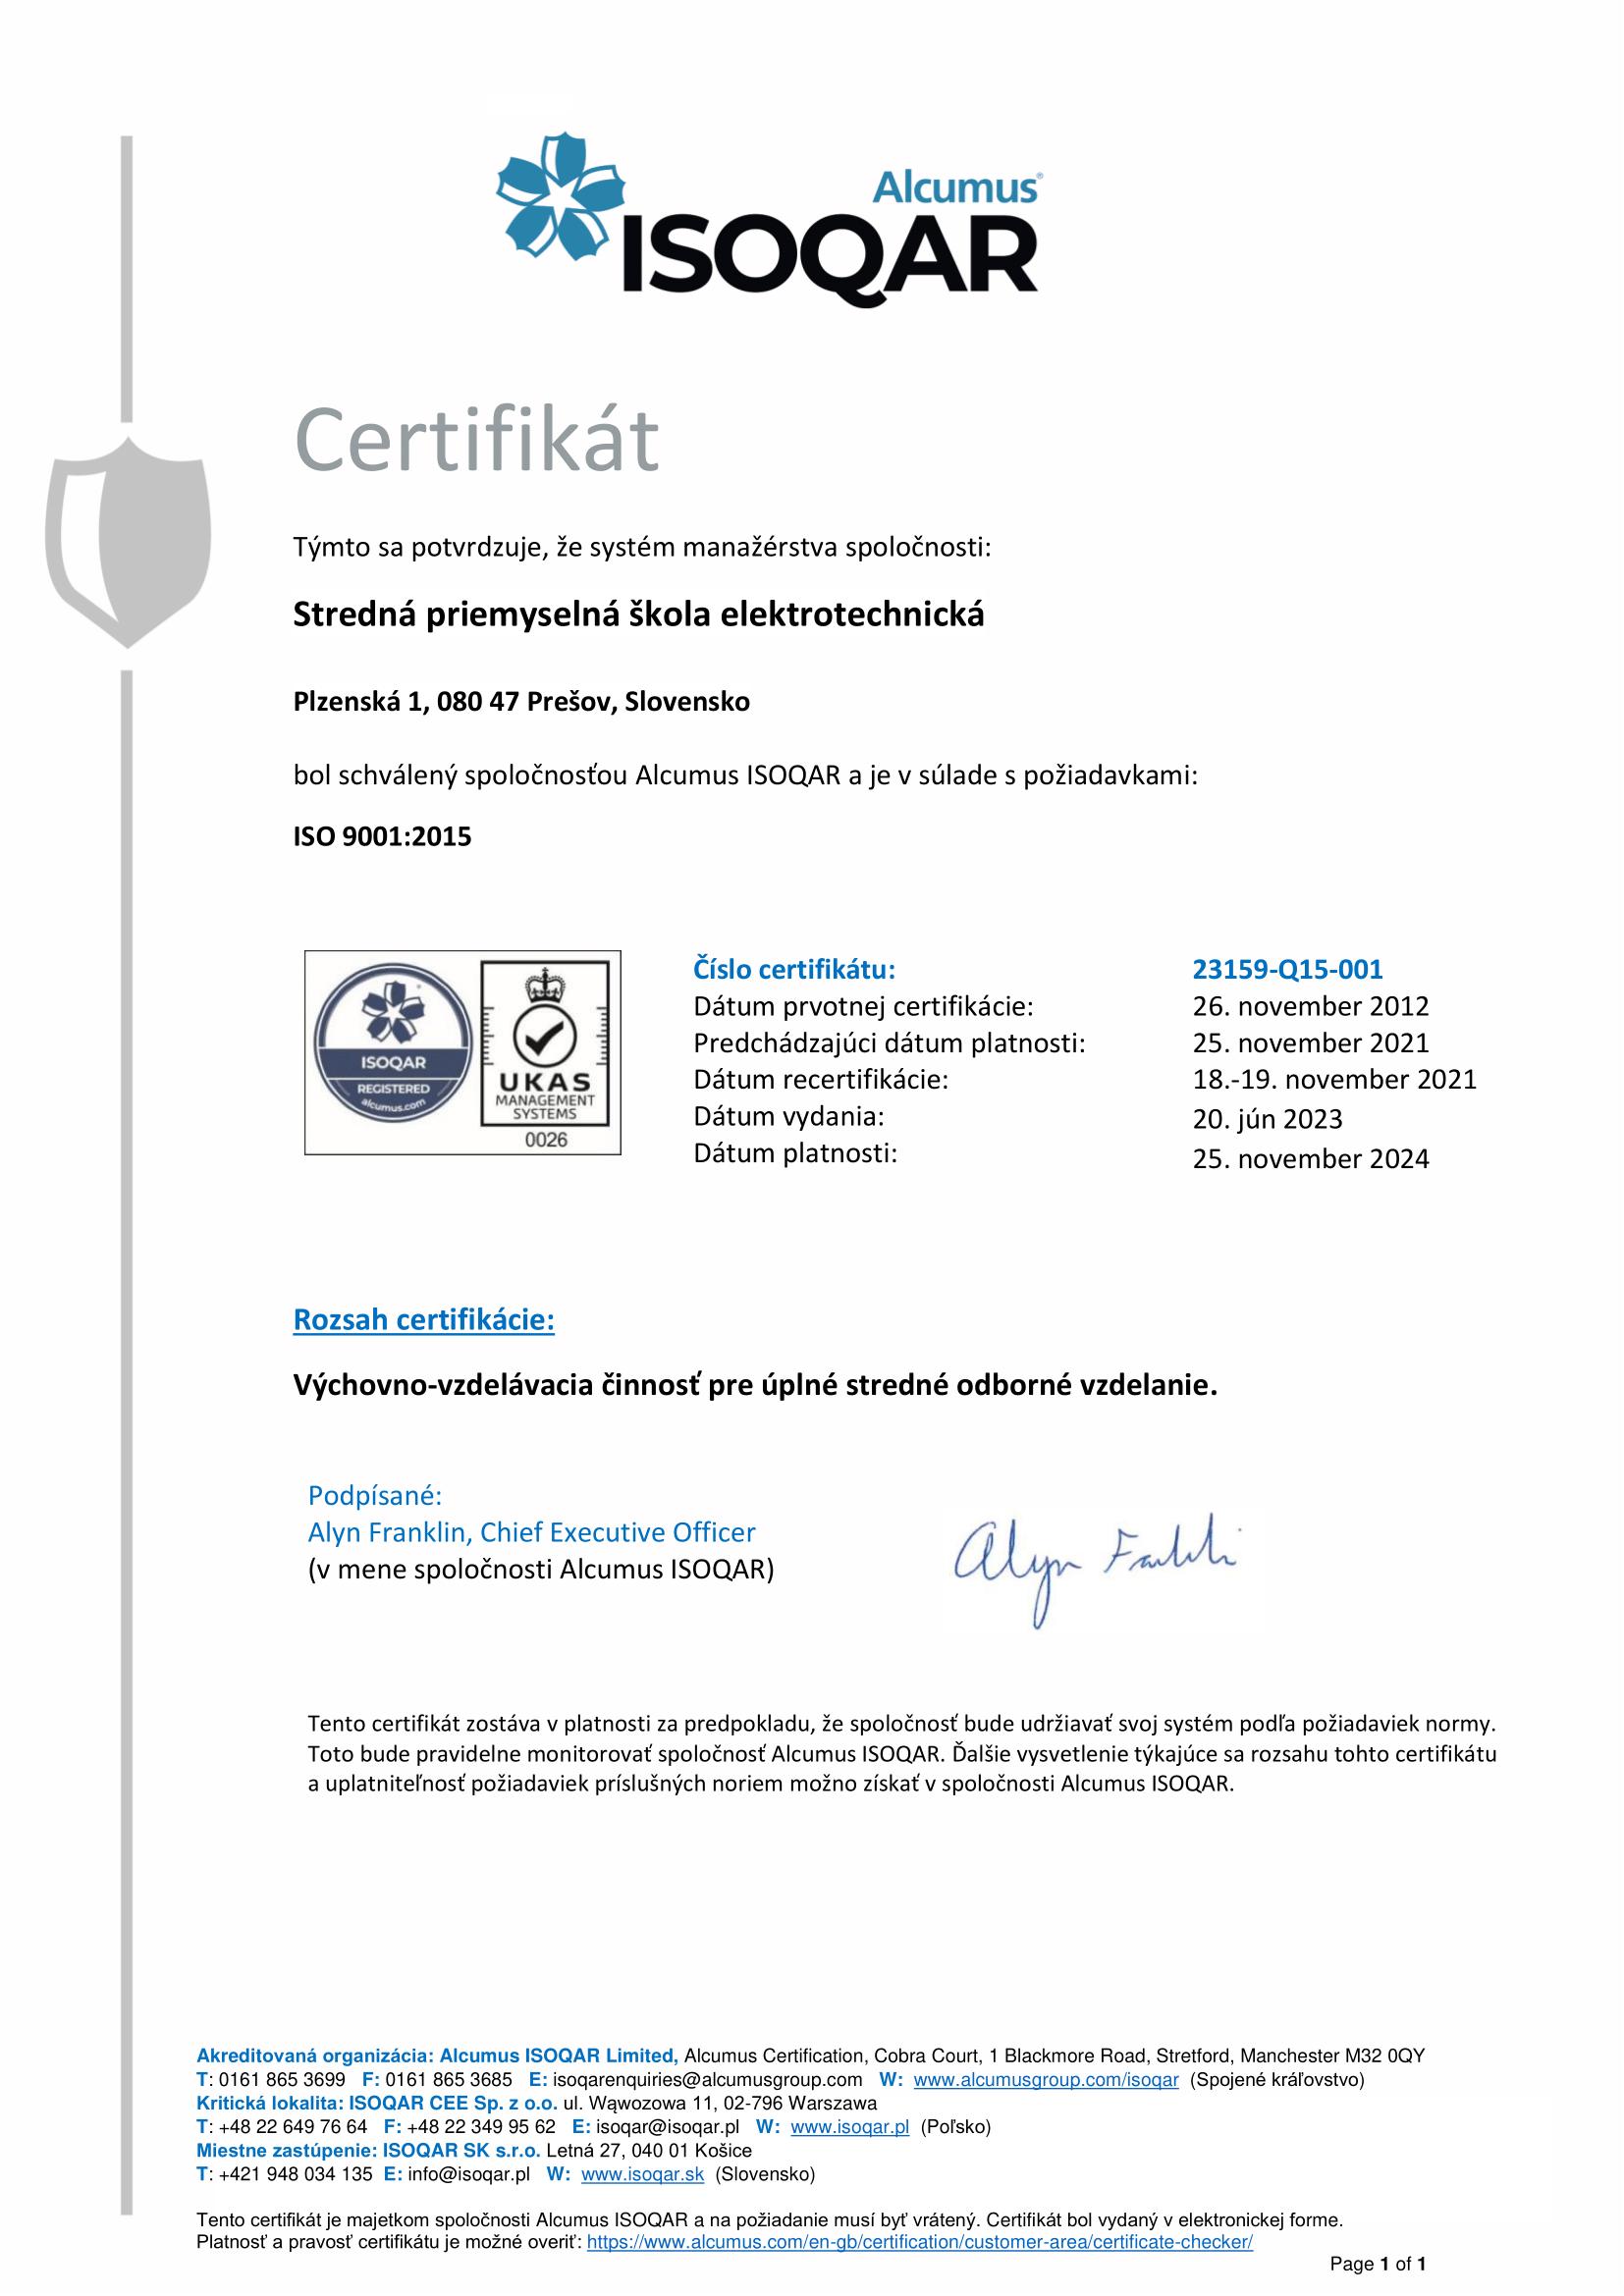 Najlepší elektronici z prešovskej SPŠE  - SPŠE Prešov ae4af910f10